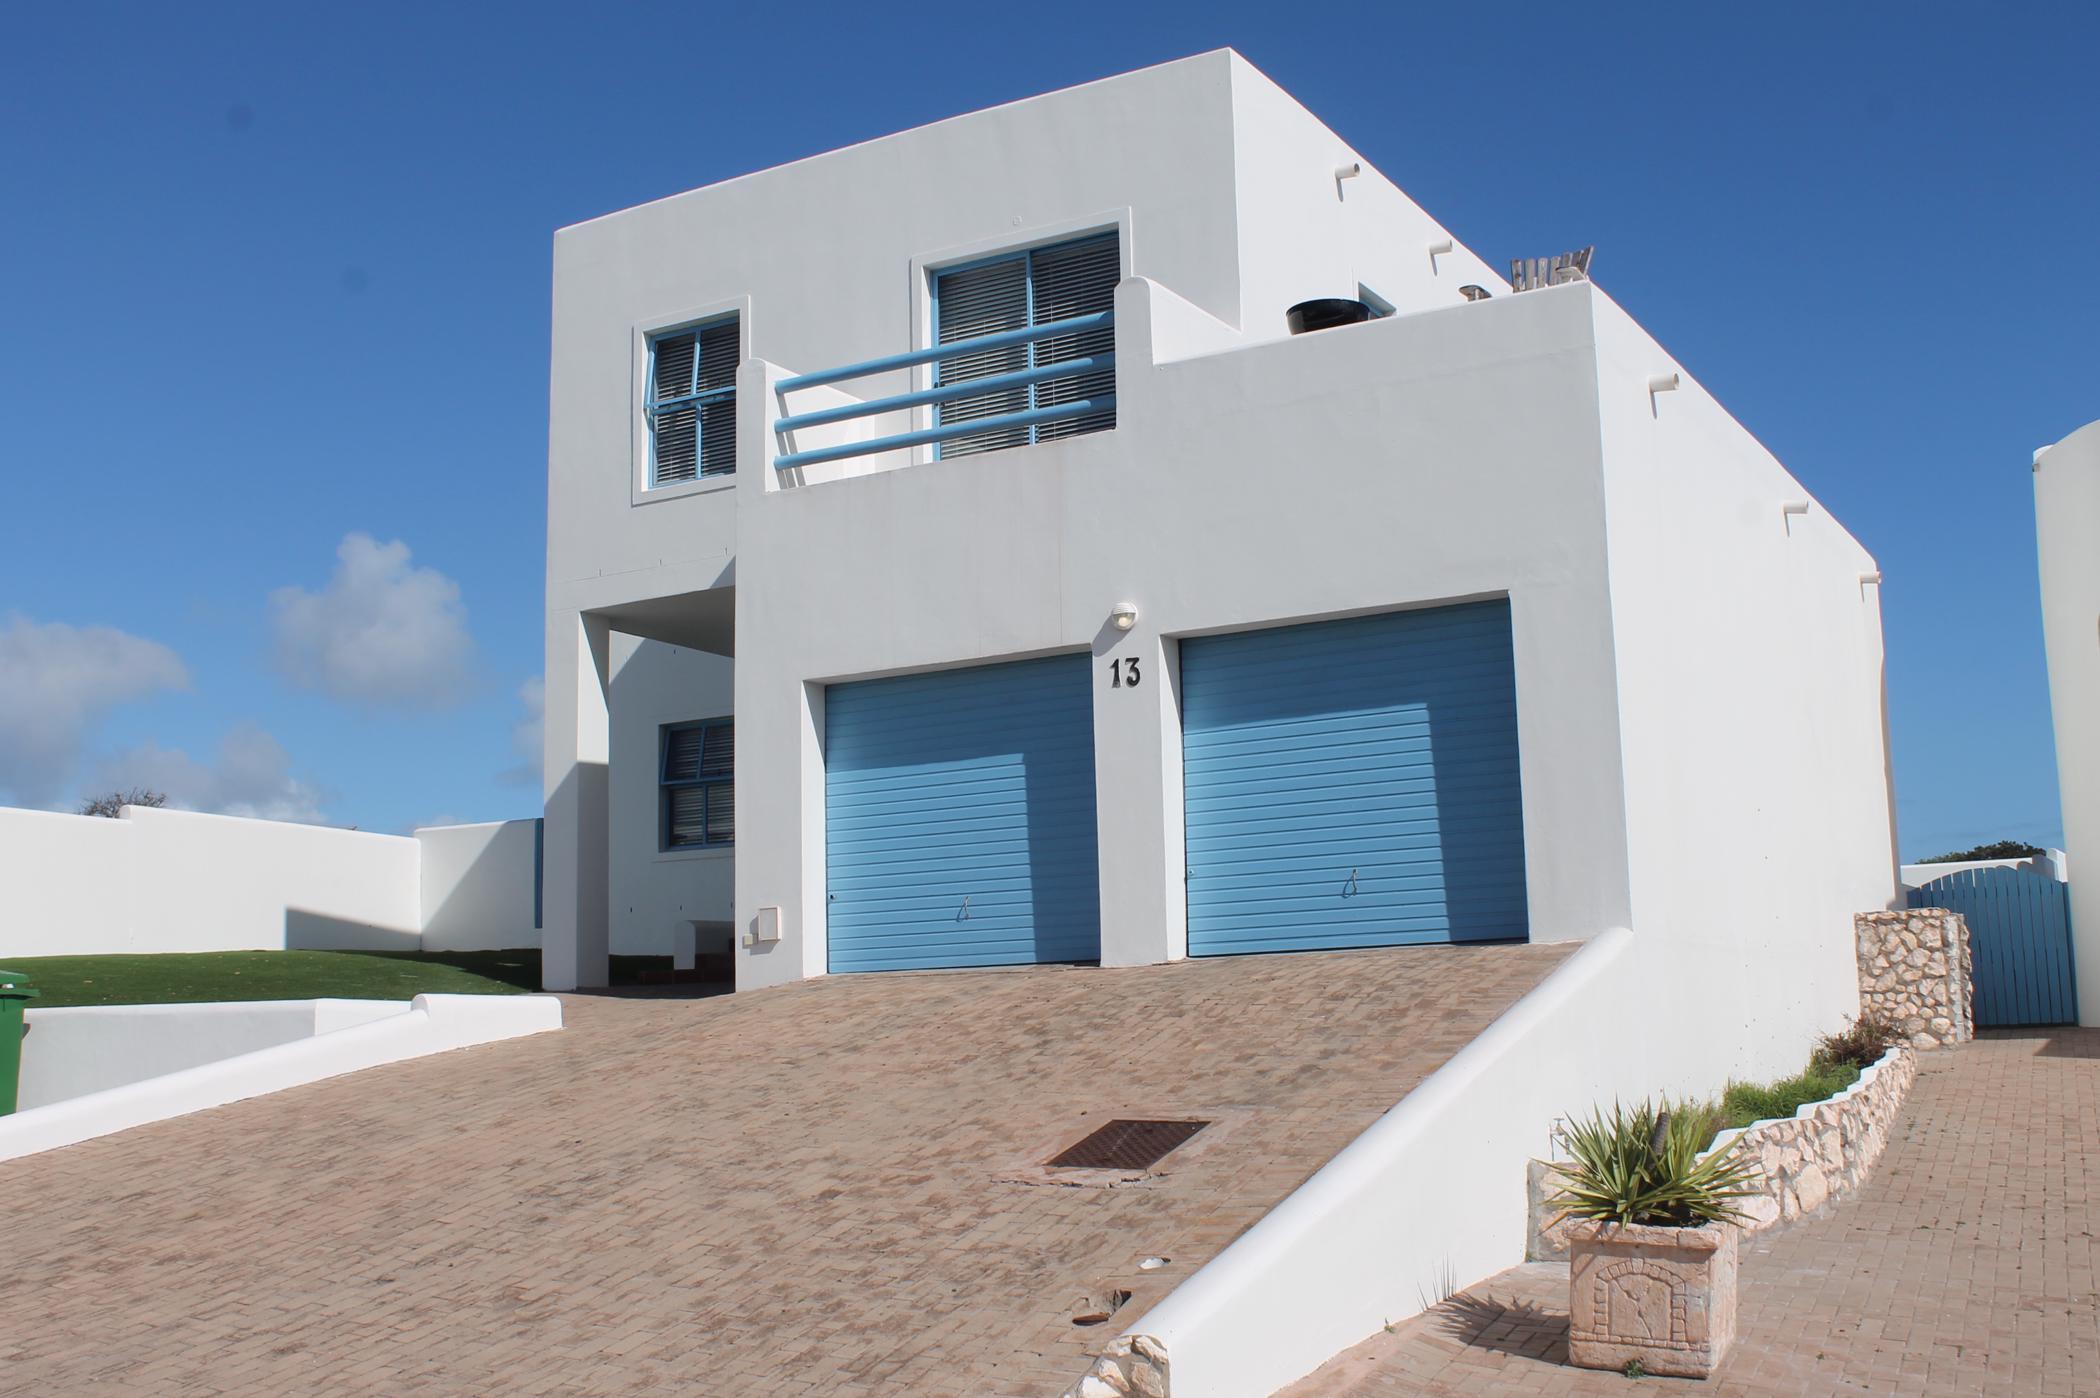 6 bedroom house for sale in Paradise Beach (Langebaan)